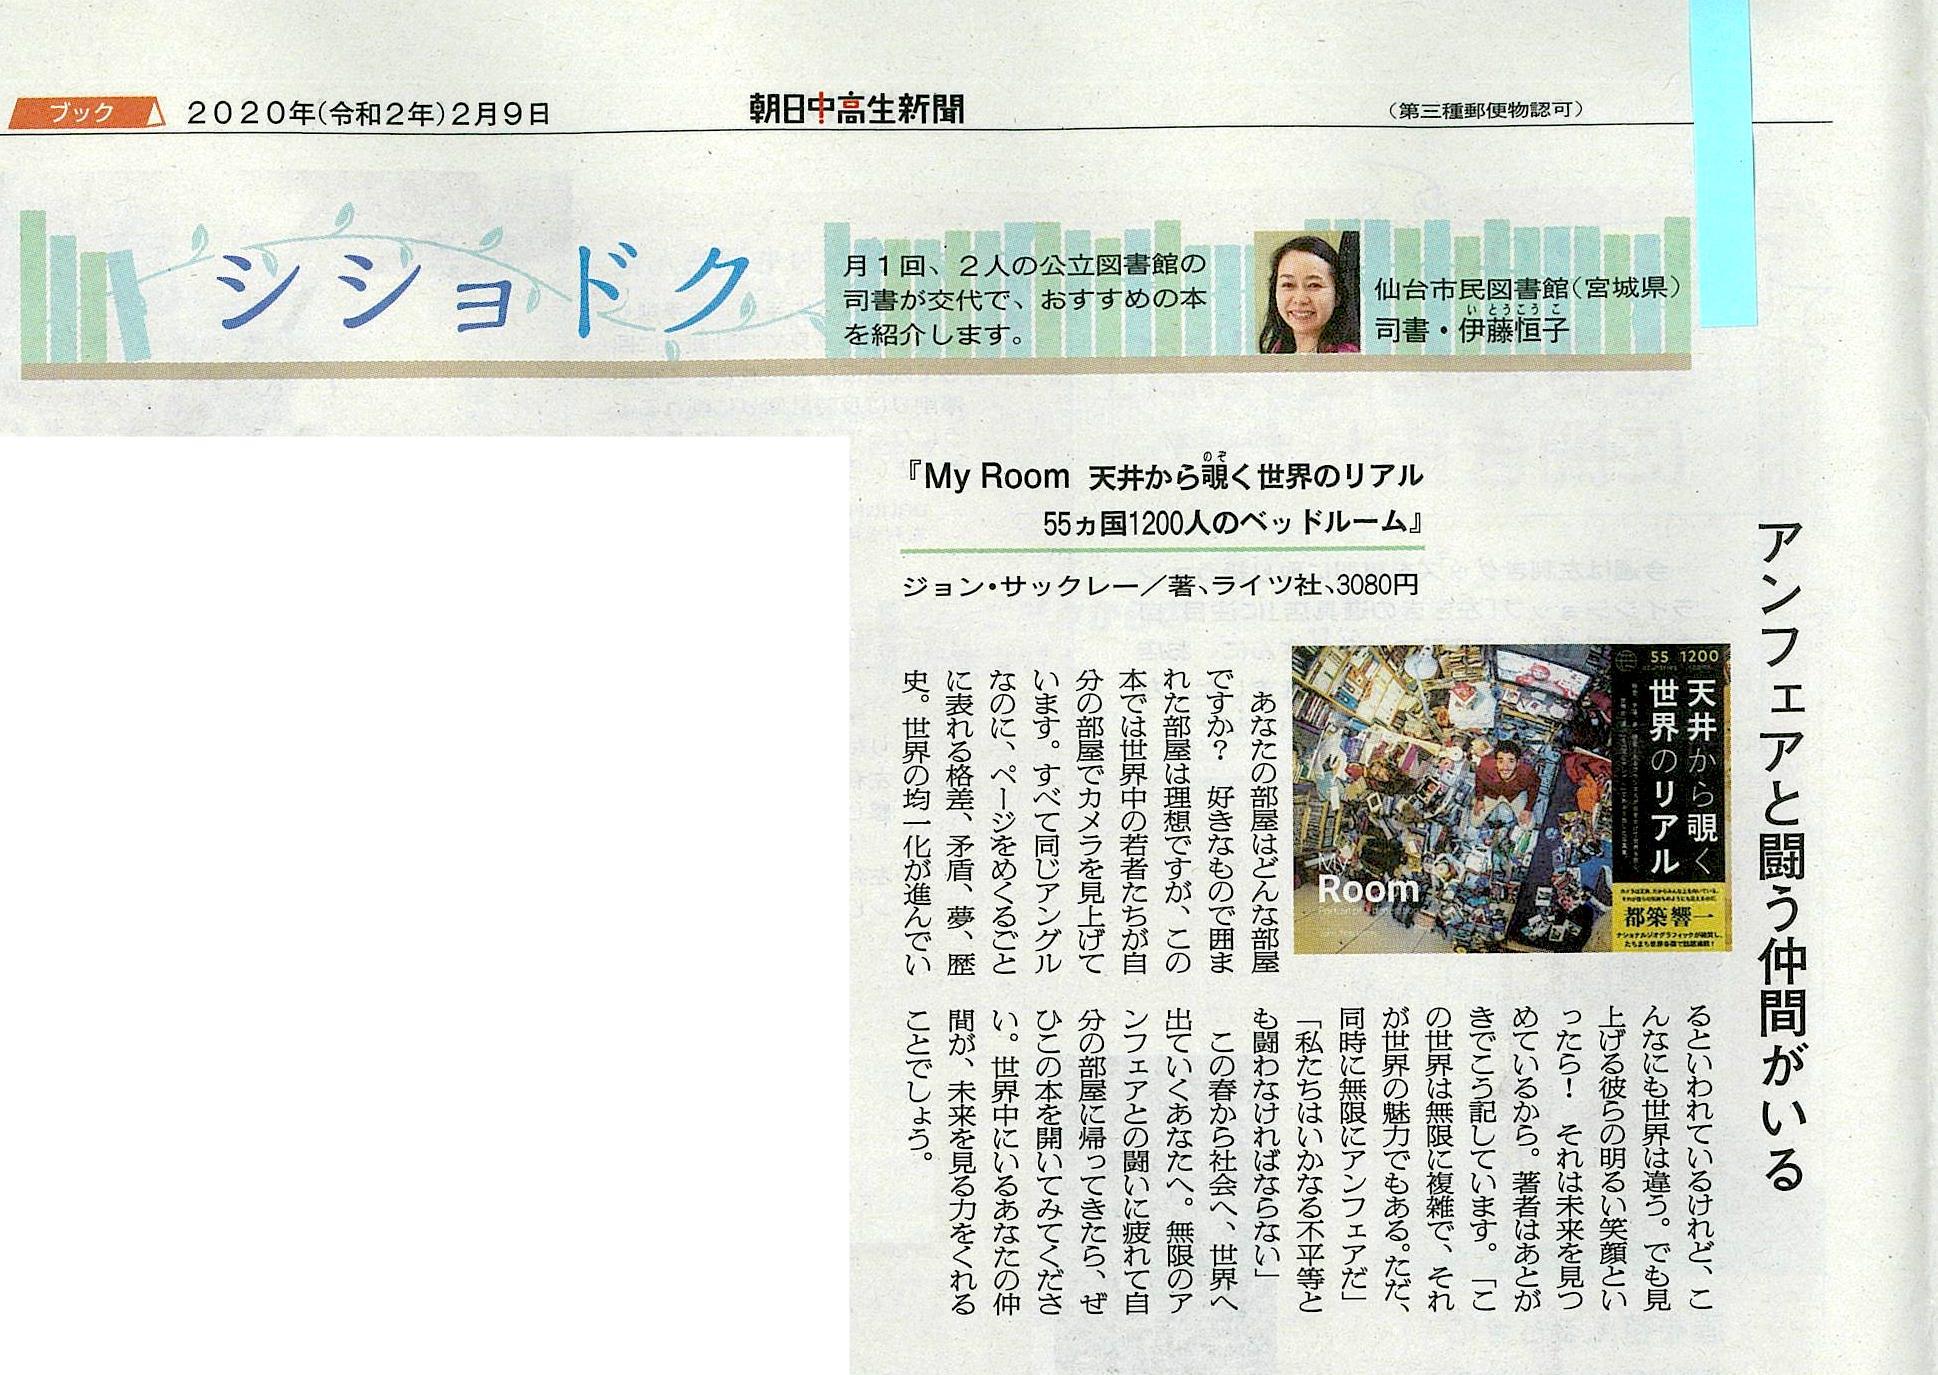 「朝日中高生新聞で『My Room』が紹介されました!」記事アイキャッチ画像